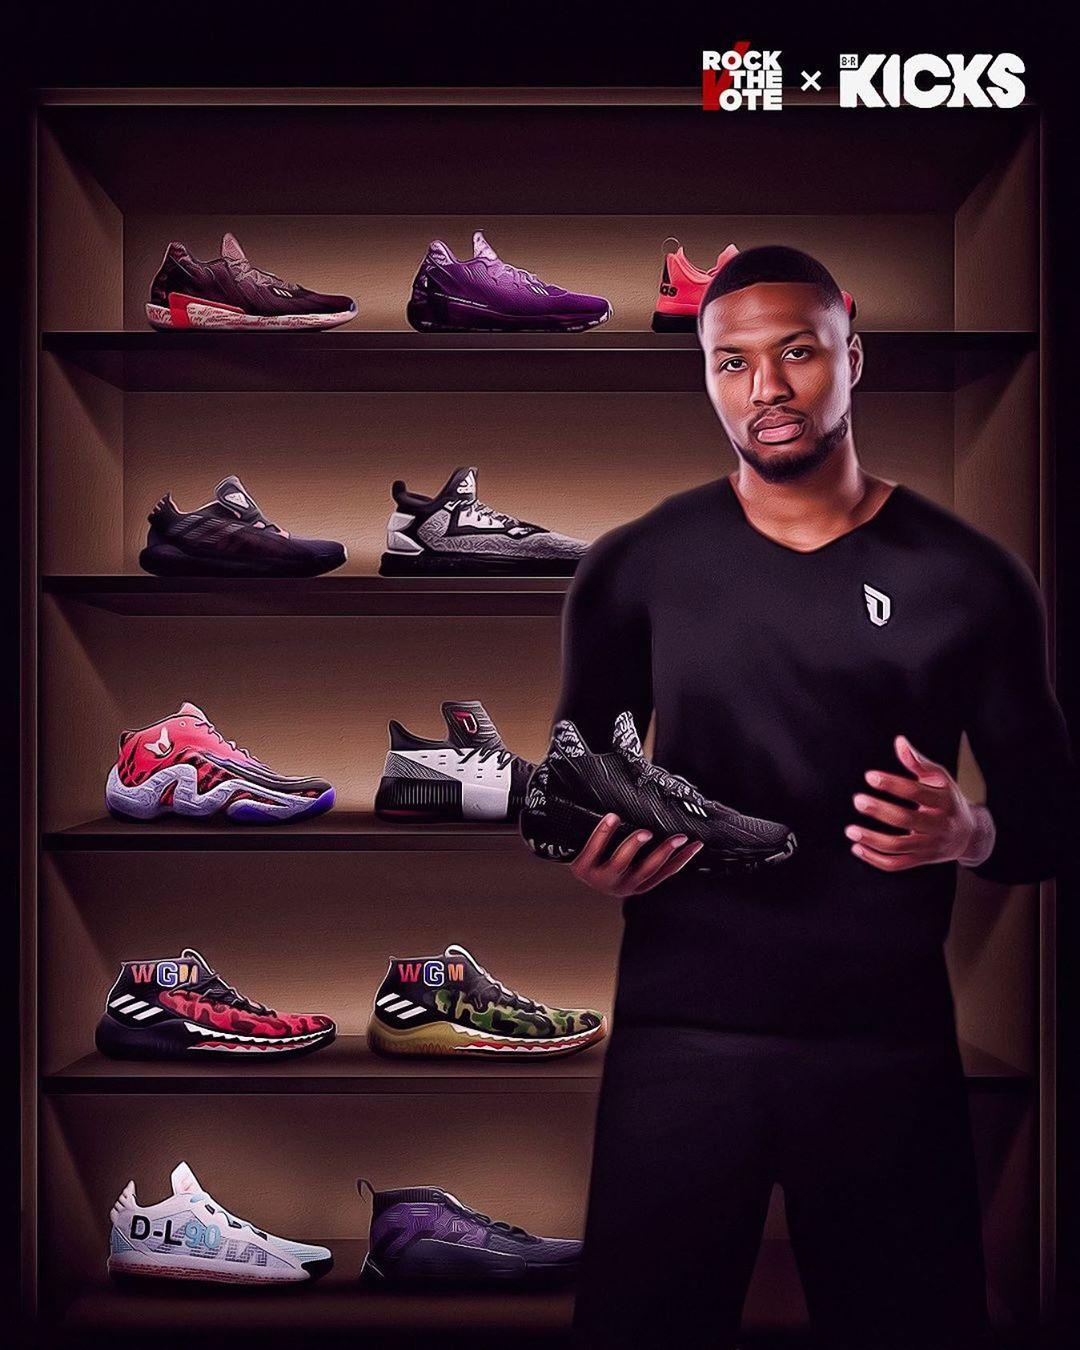 利拉德晒球鞋特效照:你们最喜欢哪个配色?